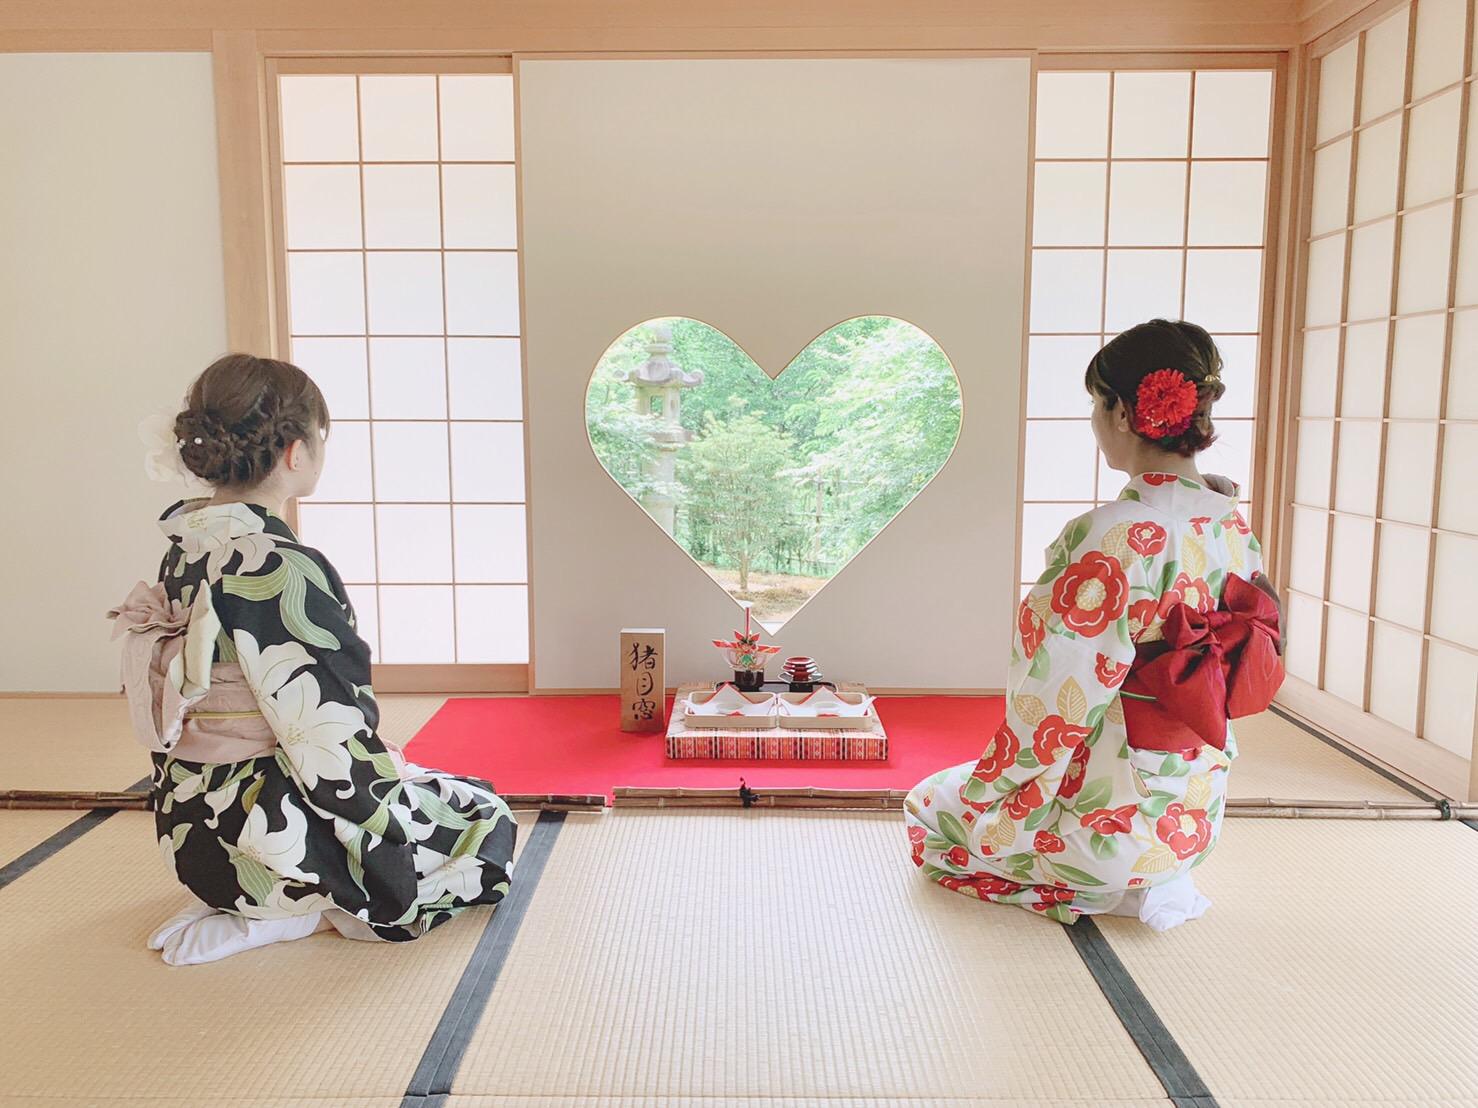 大人気スポットの正寿院へ♡2019年5月15日2